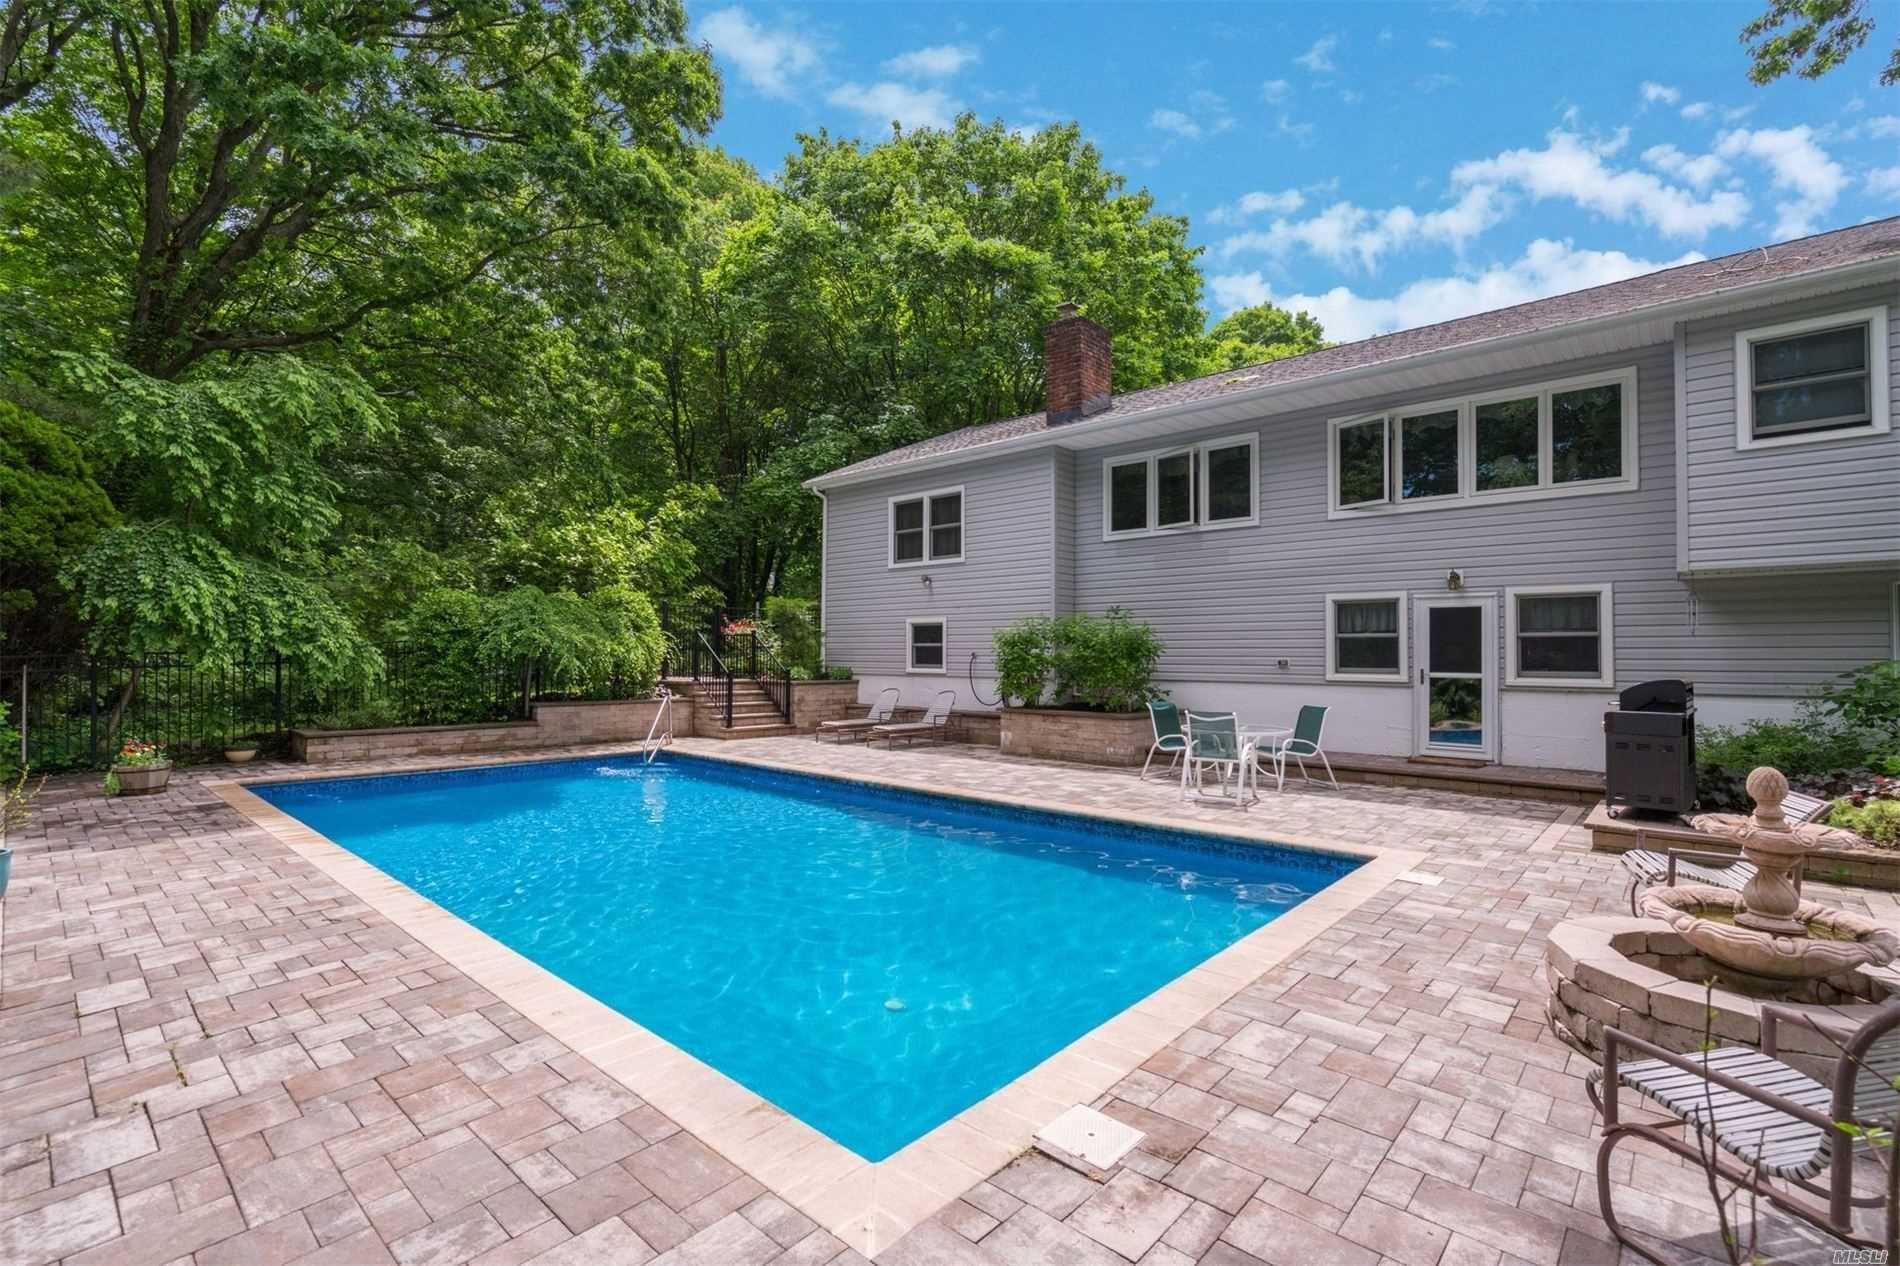 25 Walnut Place, Huntington, NY 11743 - MLS#: 3185301